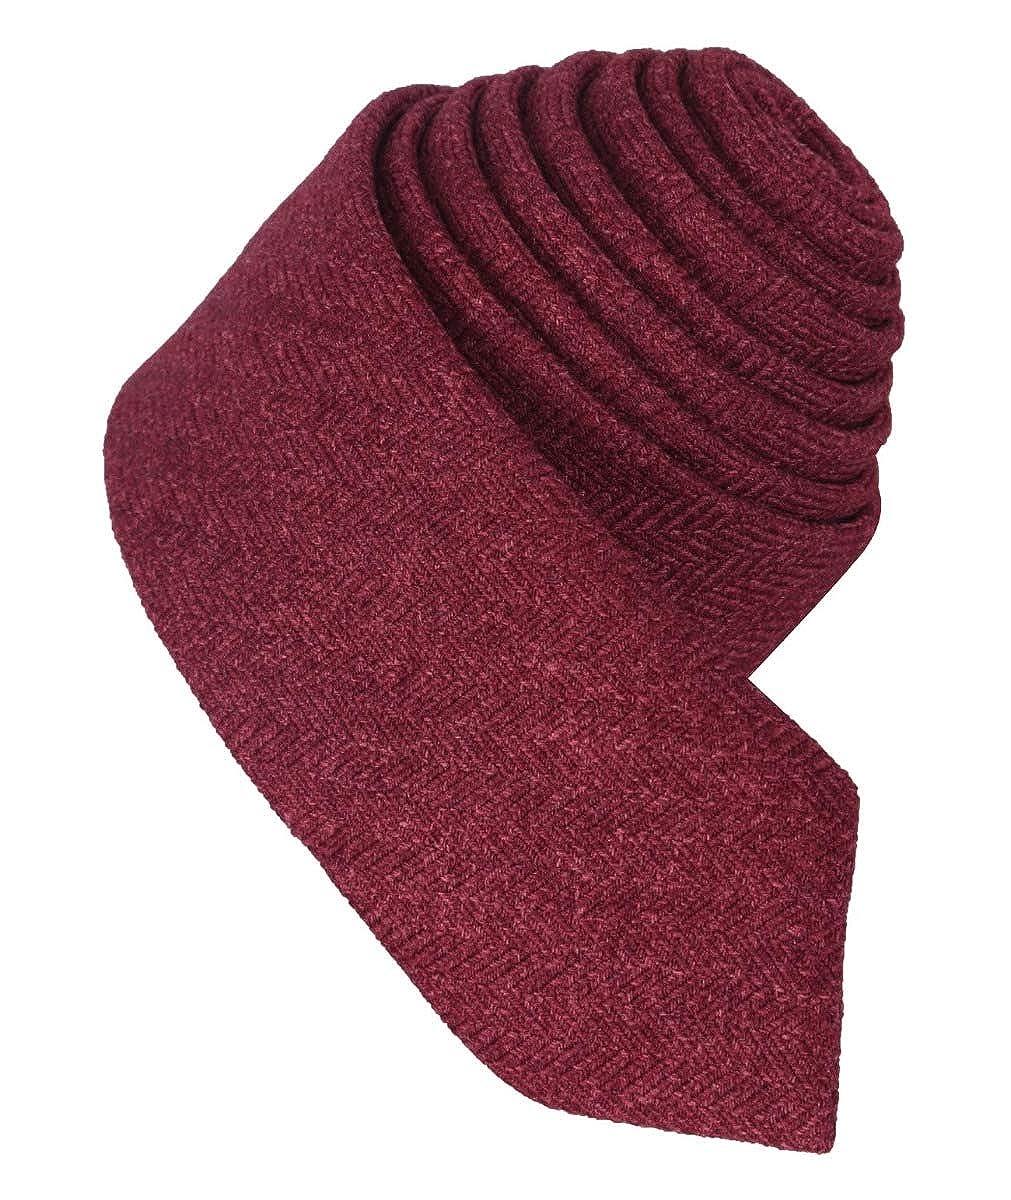 con cravatta e tasca quadrata in tweed a spina di pesce Set da uomo e ragazzo bordeaux colore